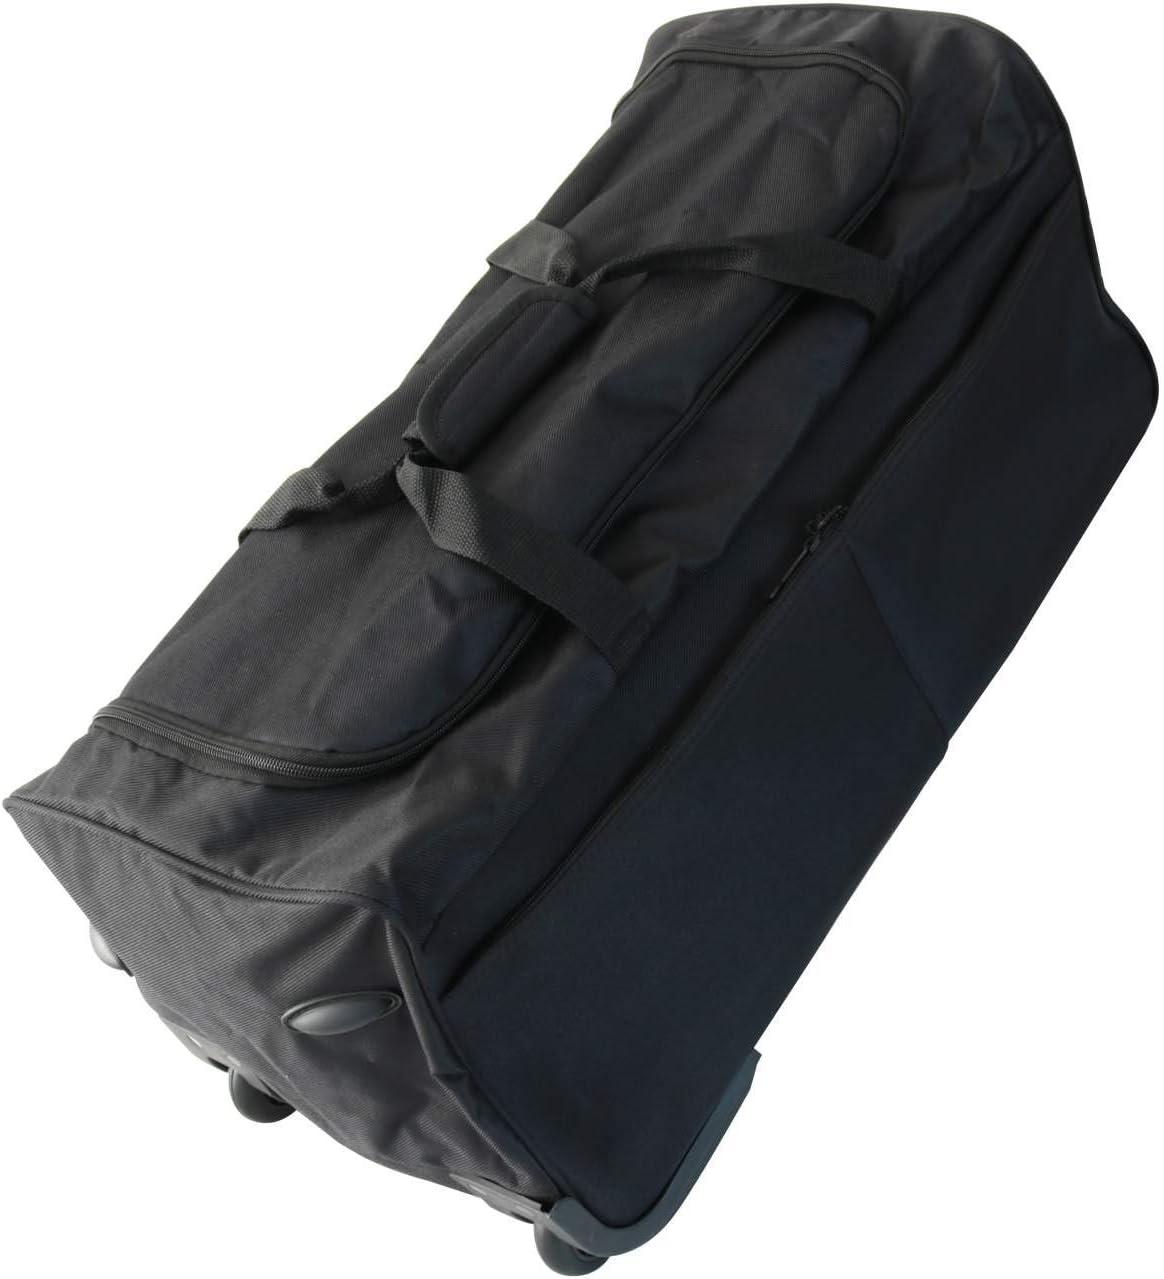 80 L 70 cm PM Euro-Trading Brooklyn Trolley Bag Organiser Black